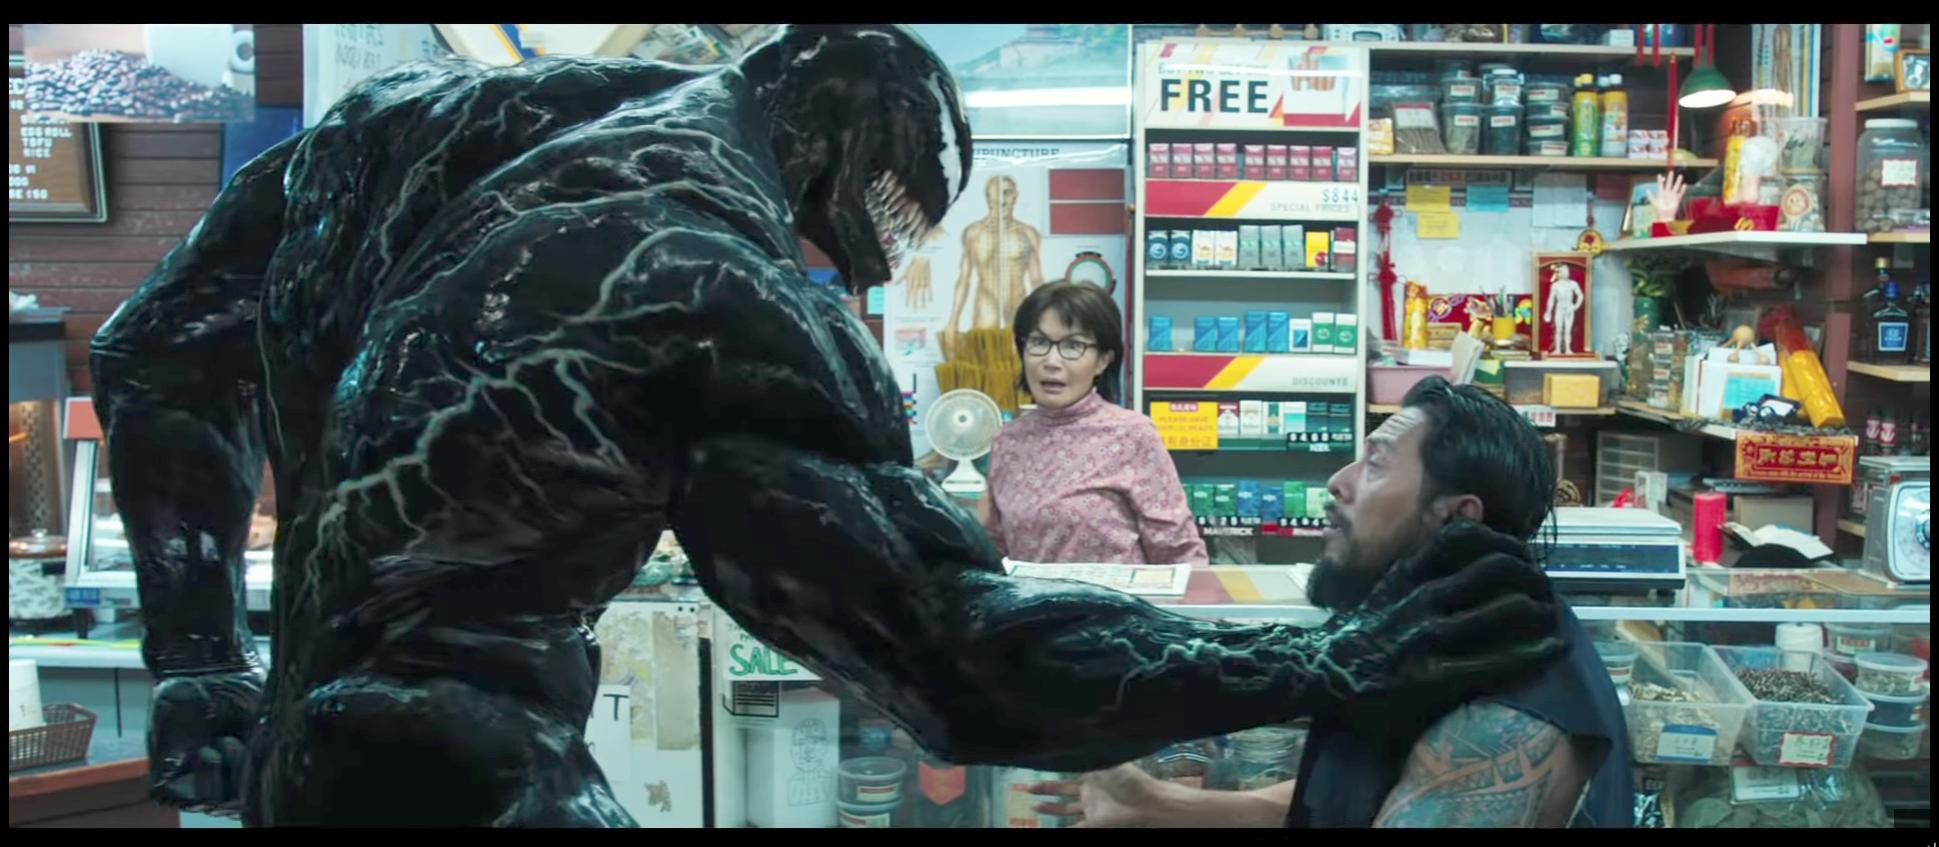 Venom Grab 2.png